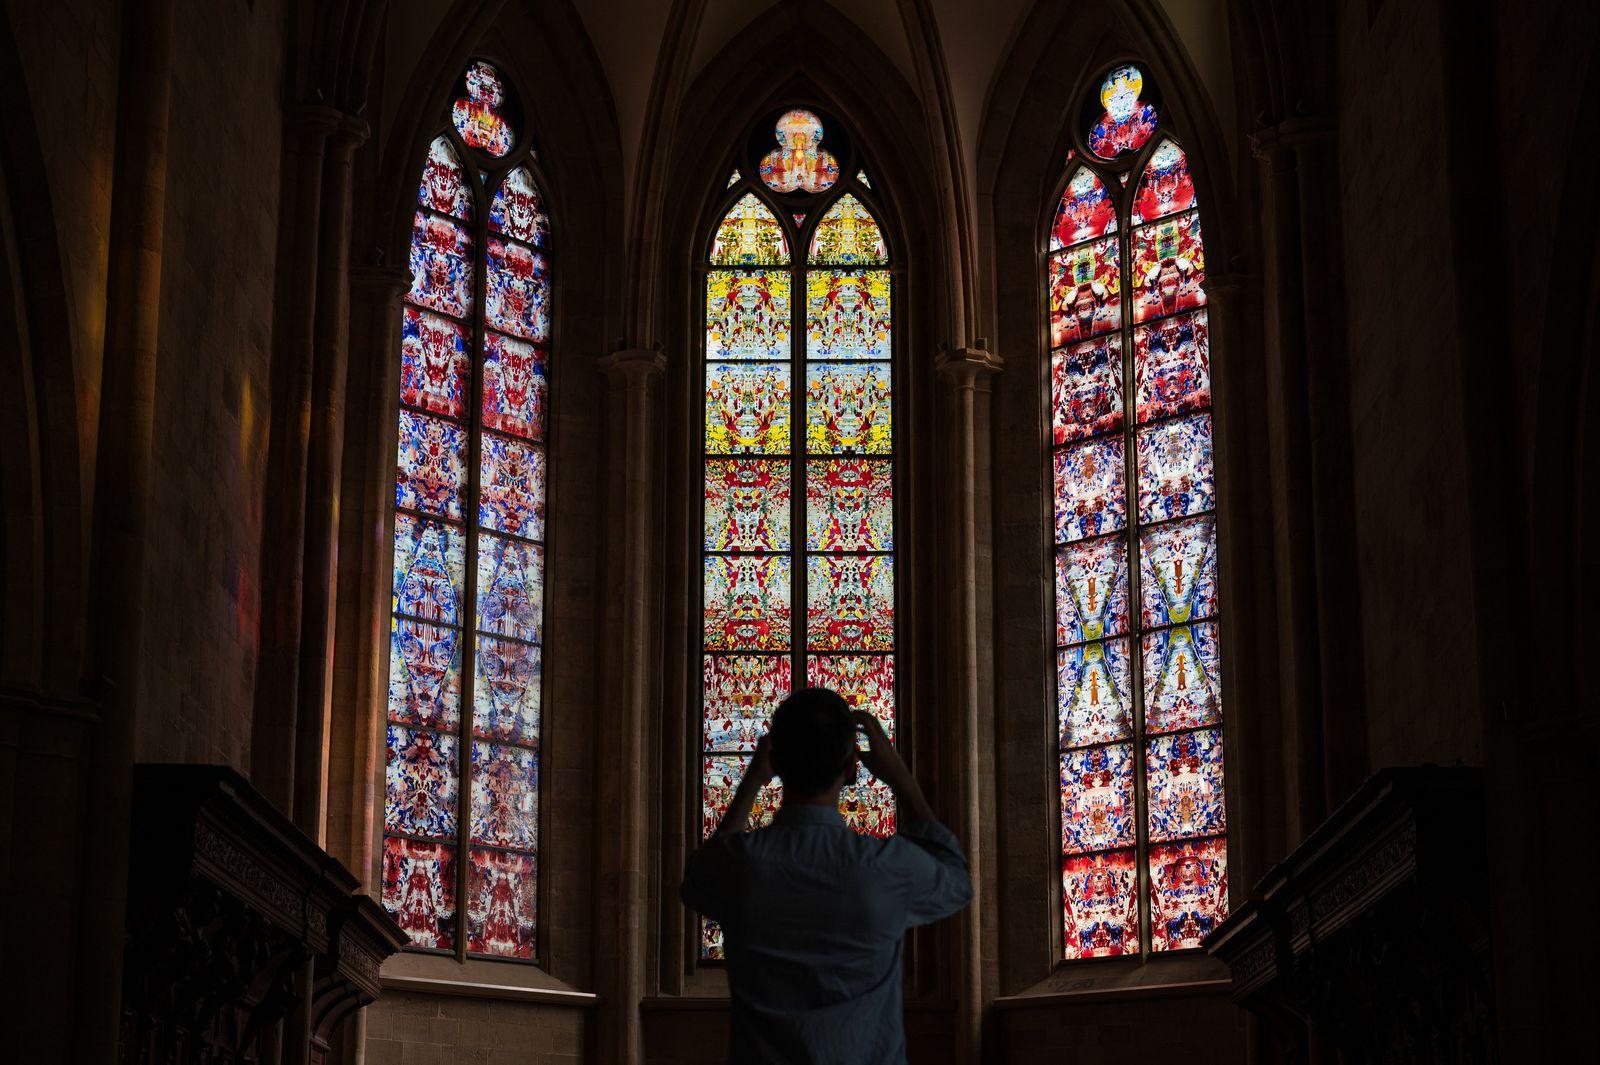 Kirchenfenster von Gerhard Richter in der Abteikirche Tholey